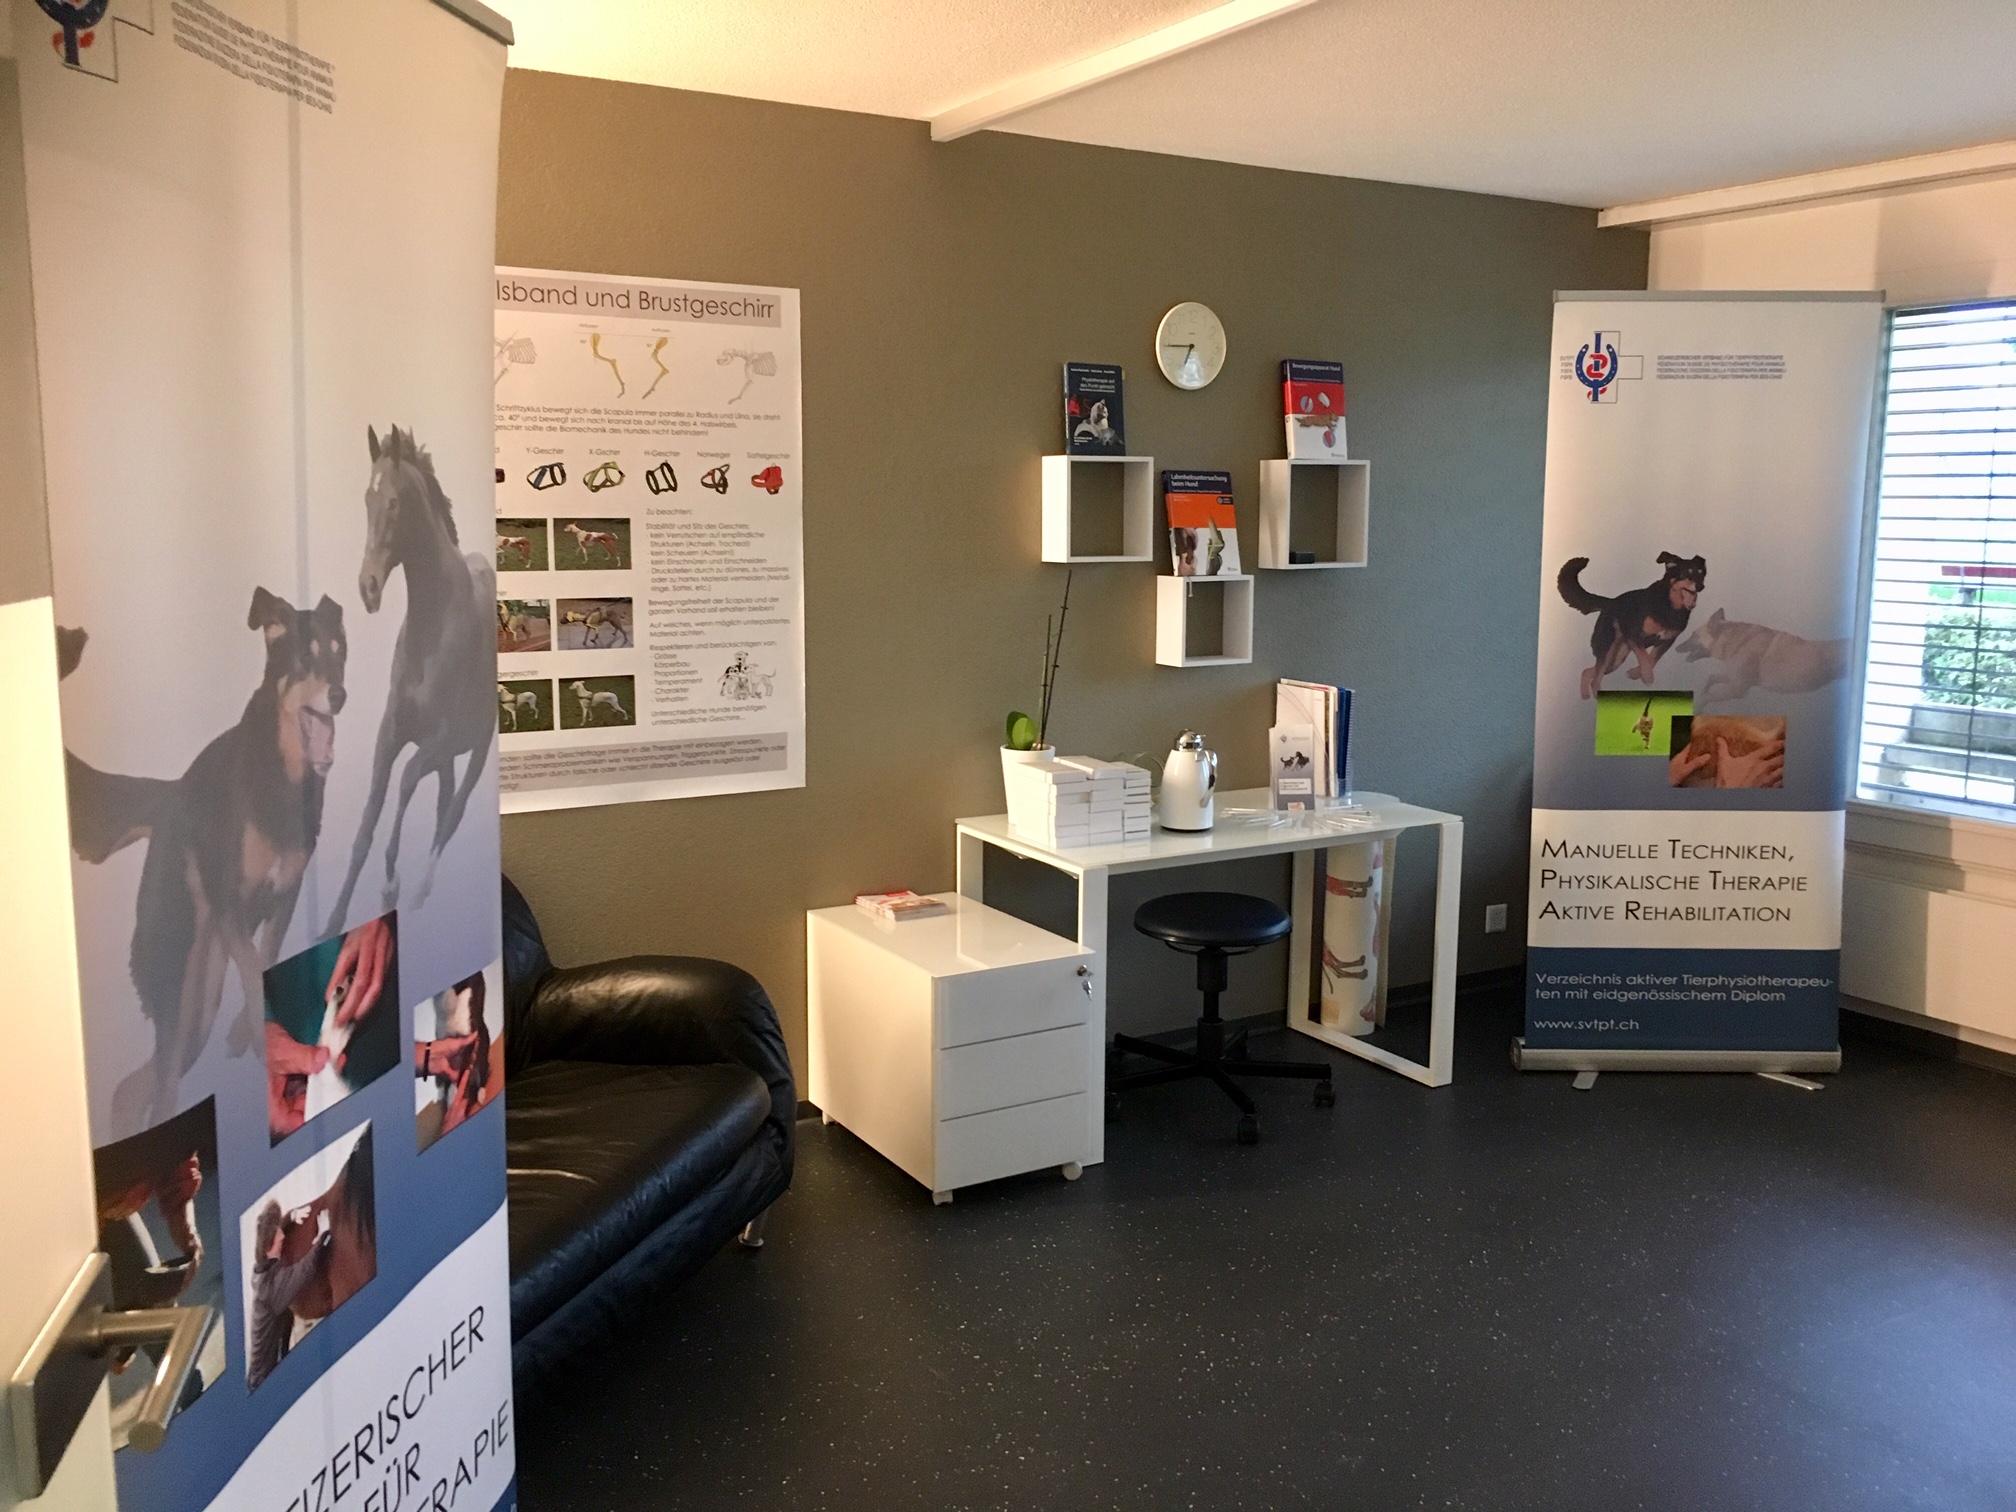 Stand der Tierphysiotherapie mit Material vom Schweizerischen Verband für Tierphysiotherapie in der neuen Räumlichkeit